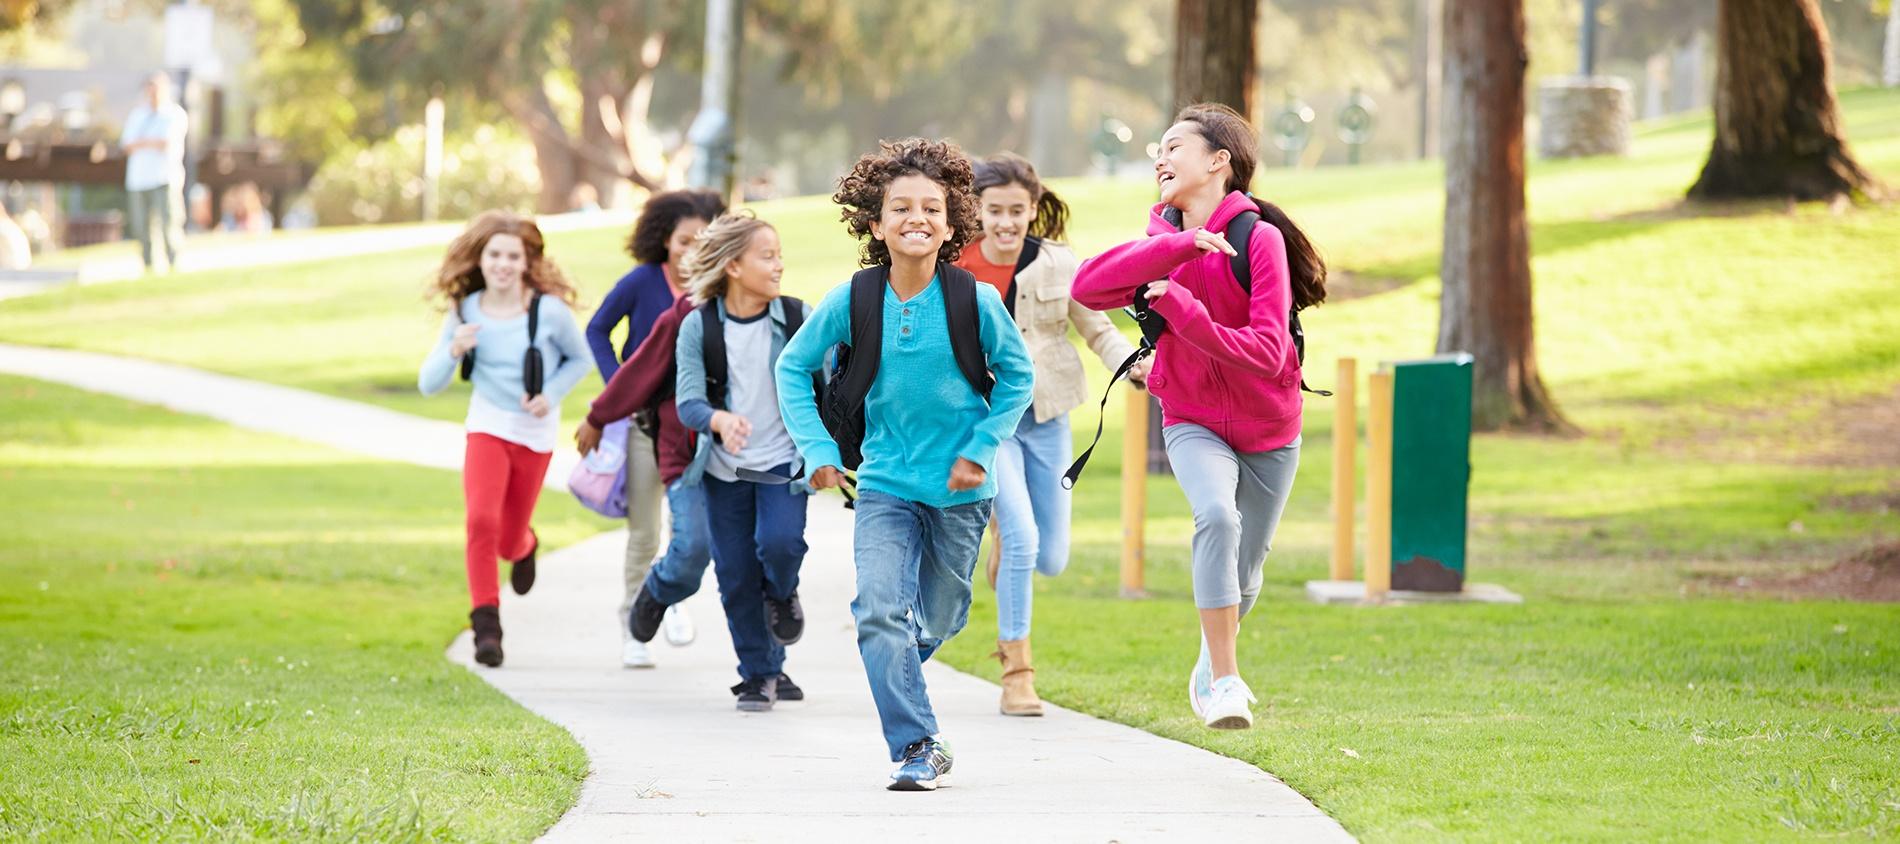 Las 5 mejores estrategias para hacer crecer la población estudiantil